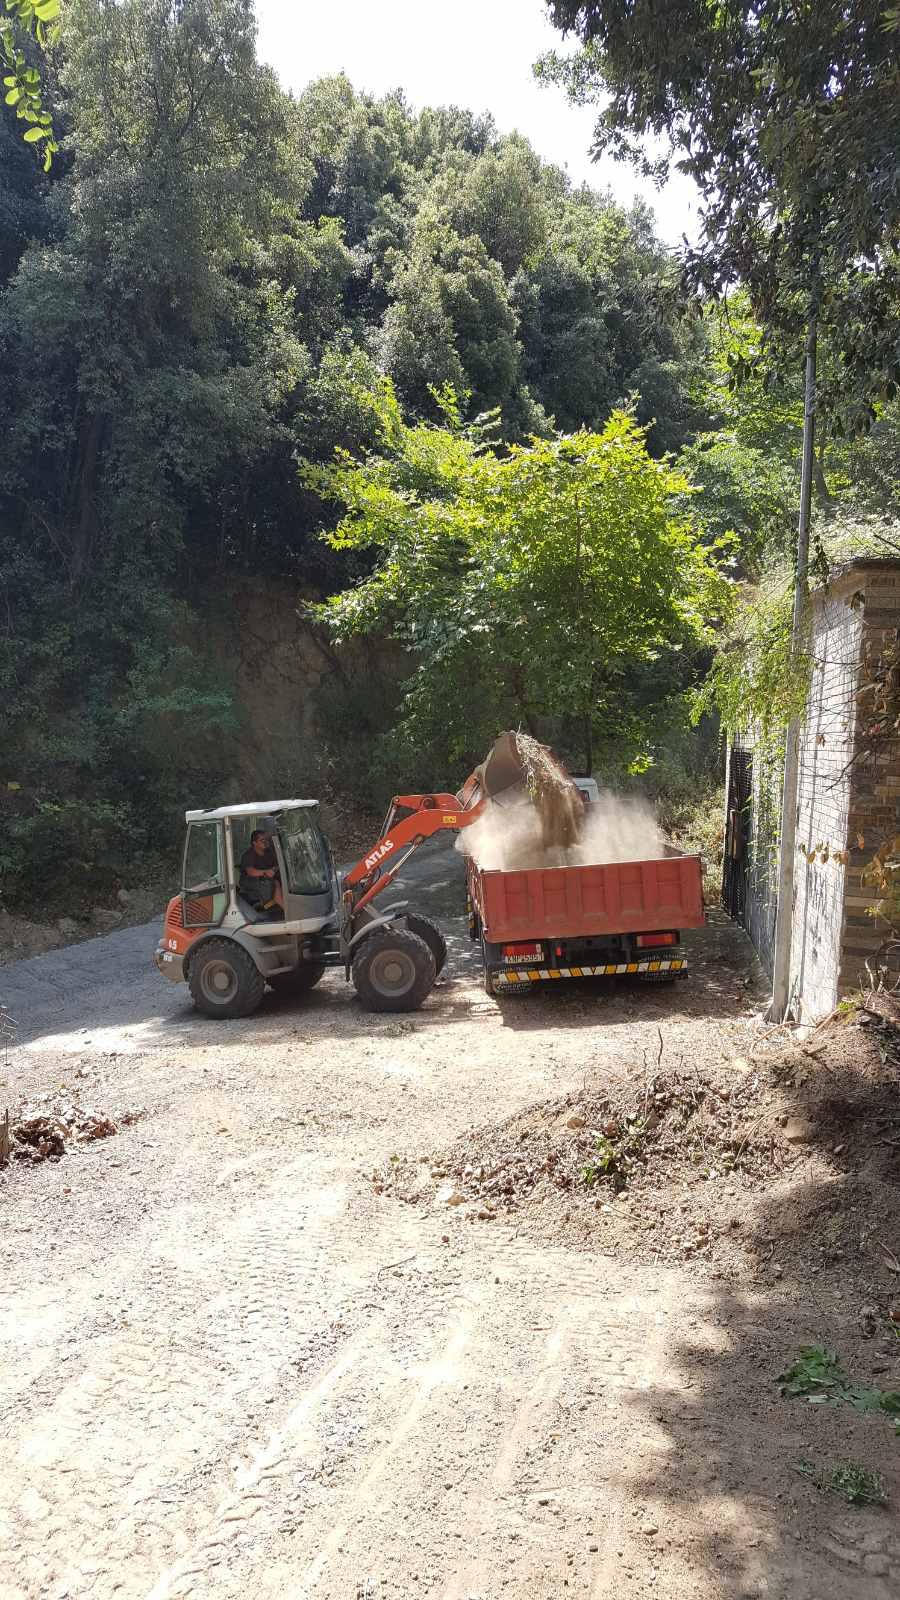 Καθαρισμός της οδού Μακεδονομάχων στον Πλαταμώνα από την Αντιδημαρχία Καθημερινότητας